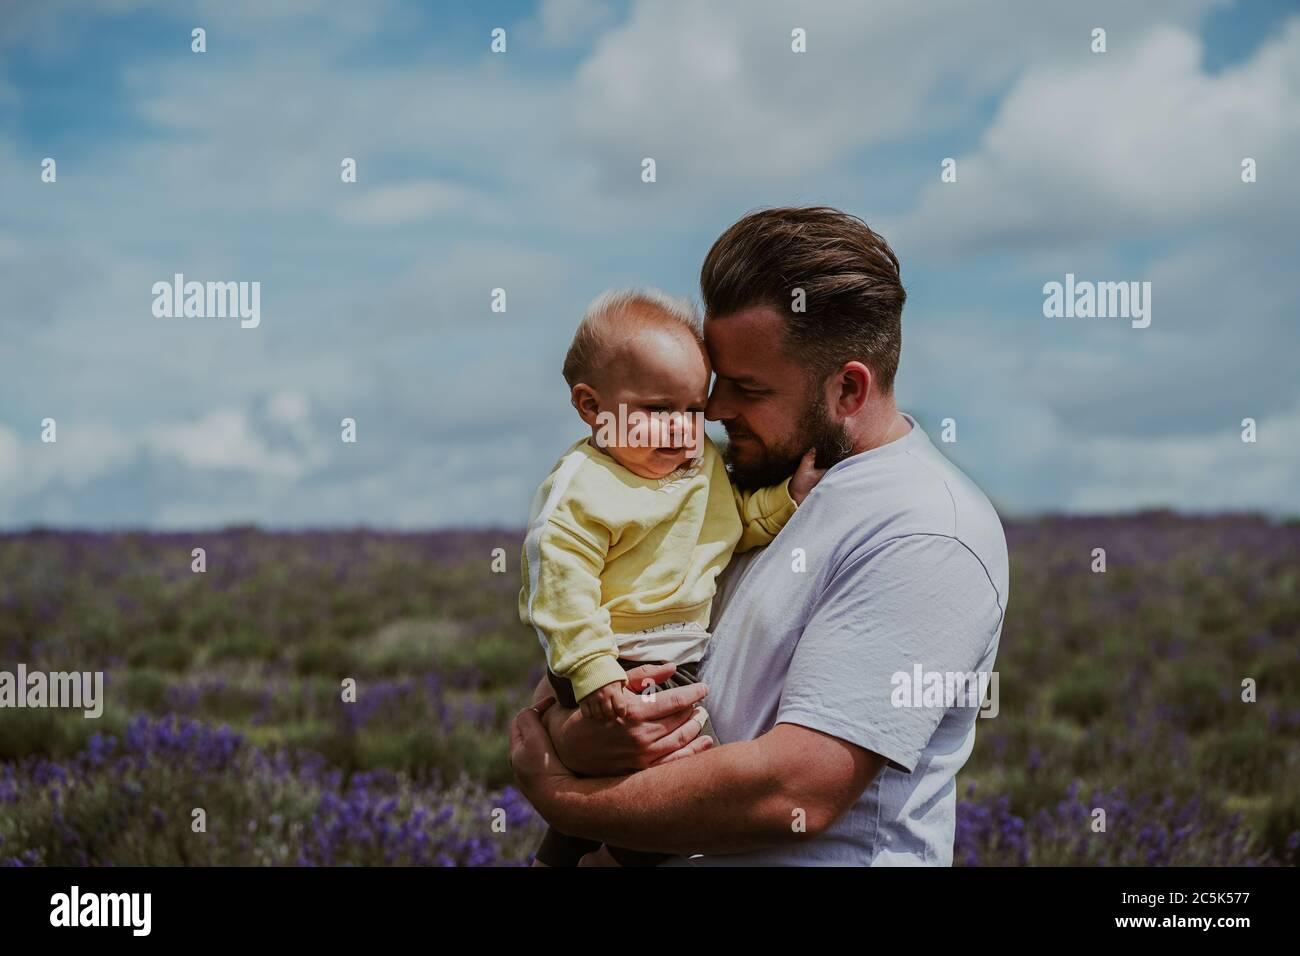 Fatehr y son en Lavender Field, Reino Unido Foto de stock